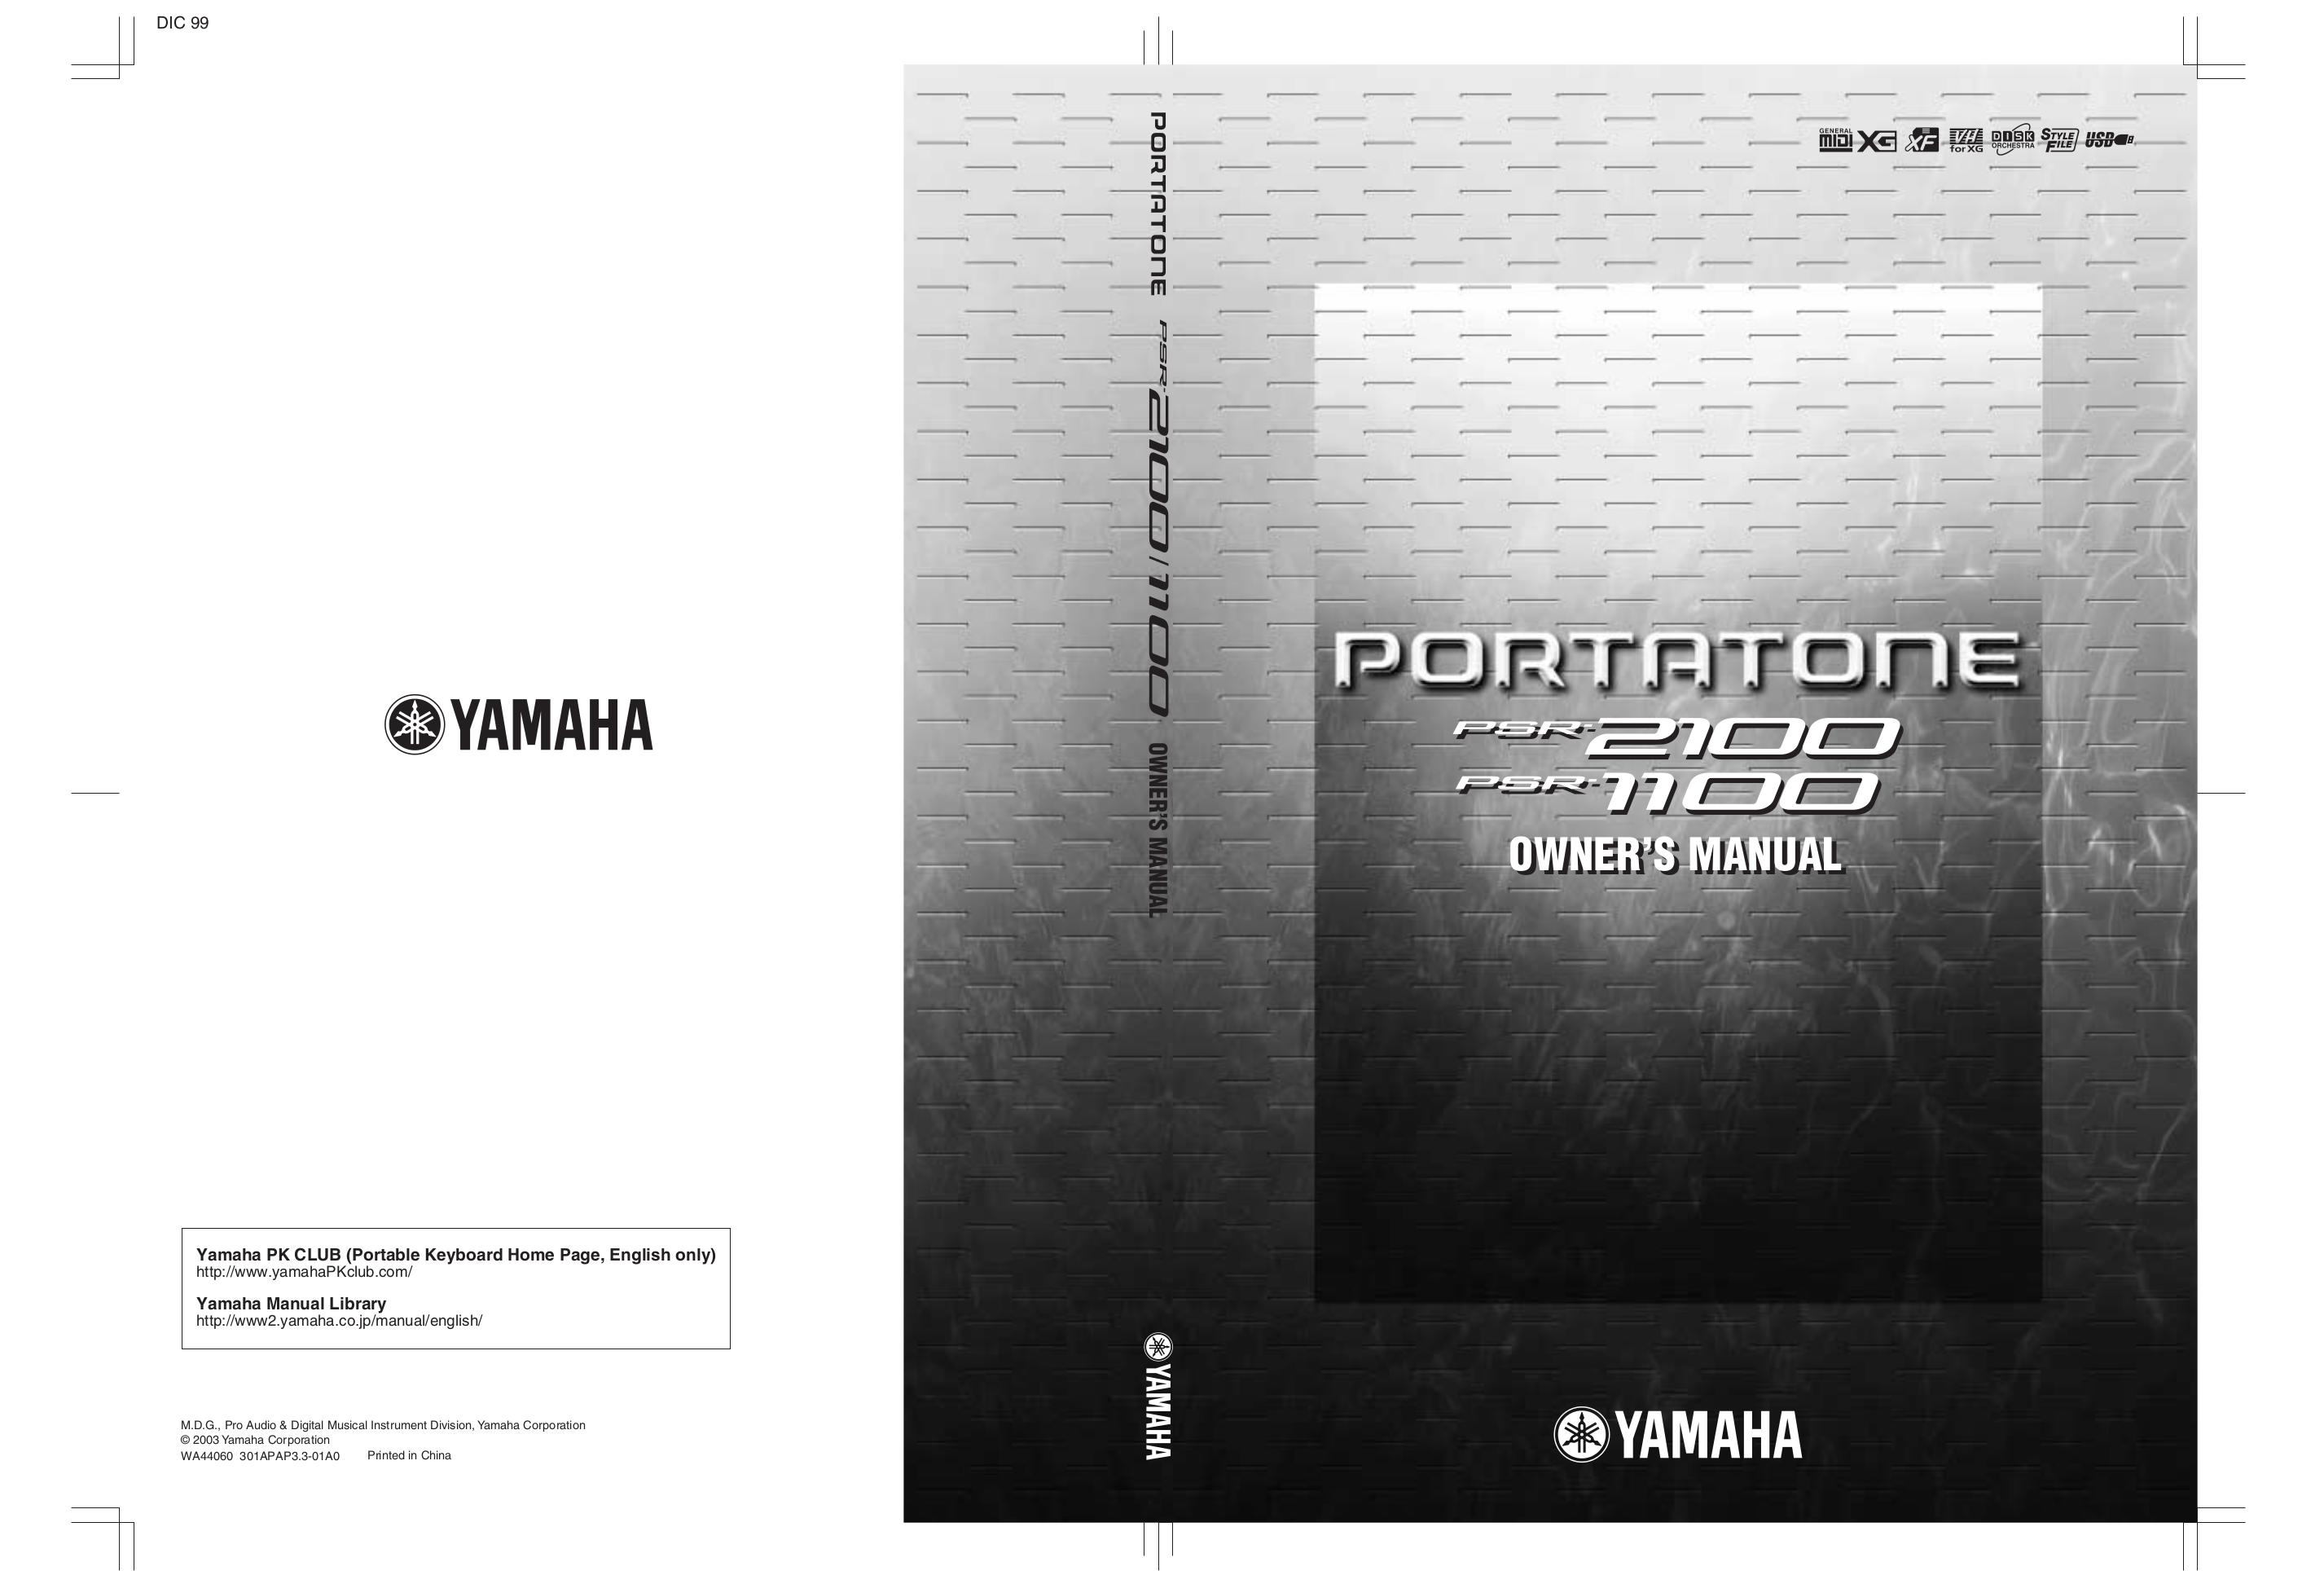 download free pdf for yamaha psr 1100 music keyboard manual rh umlib com yamaha keyboard manual library yamaha manual library pdf